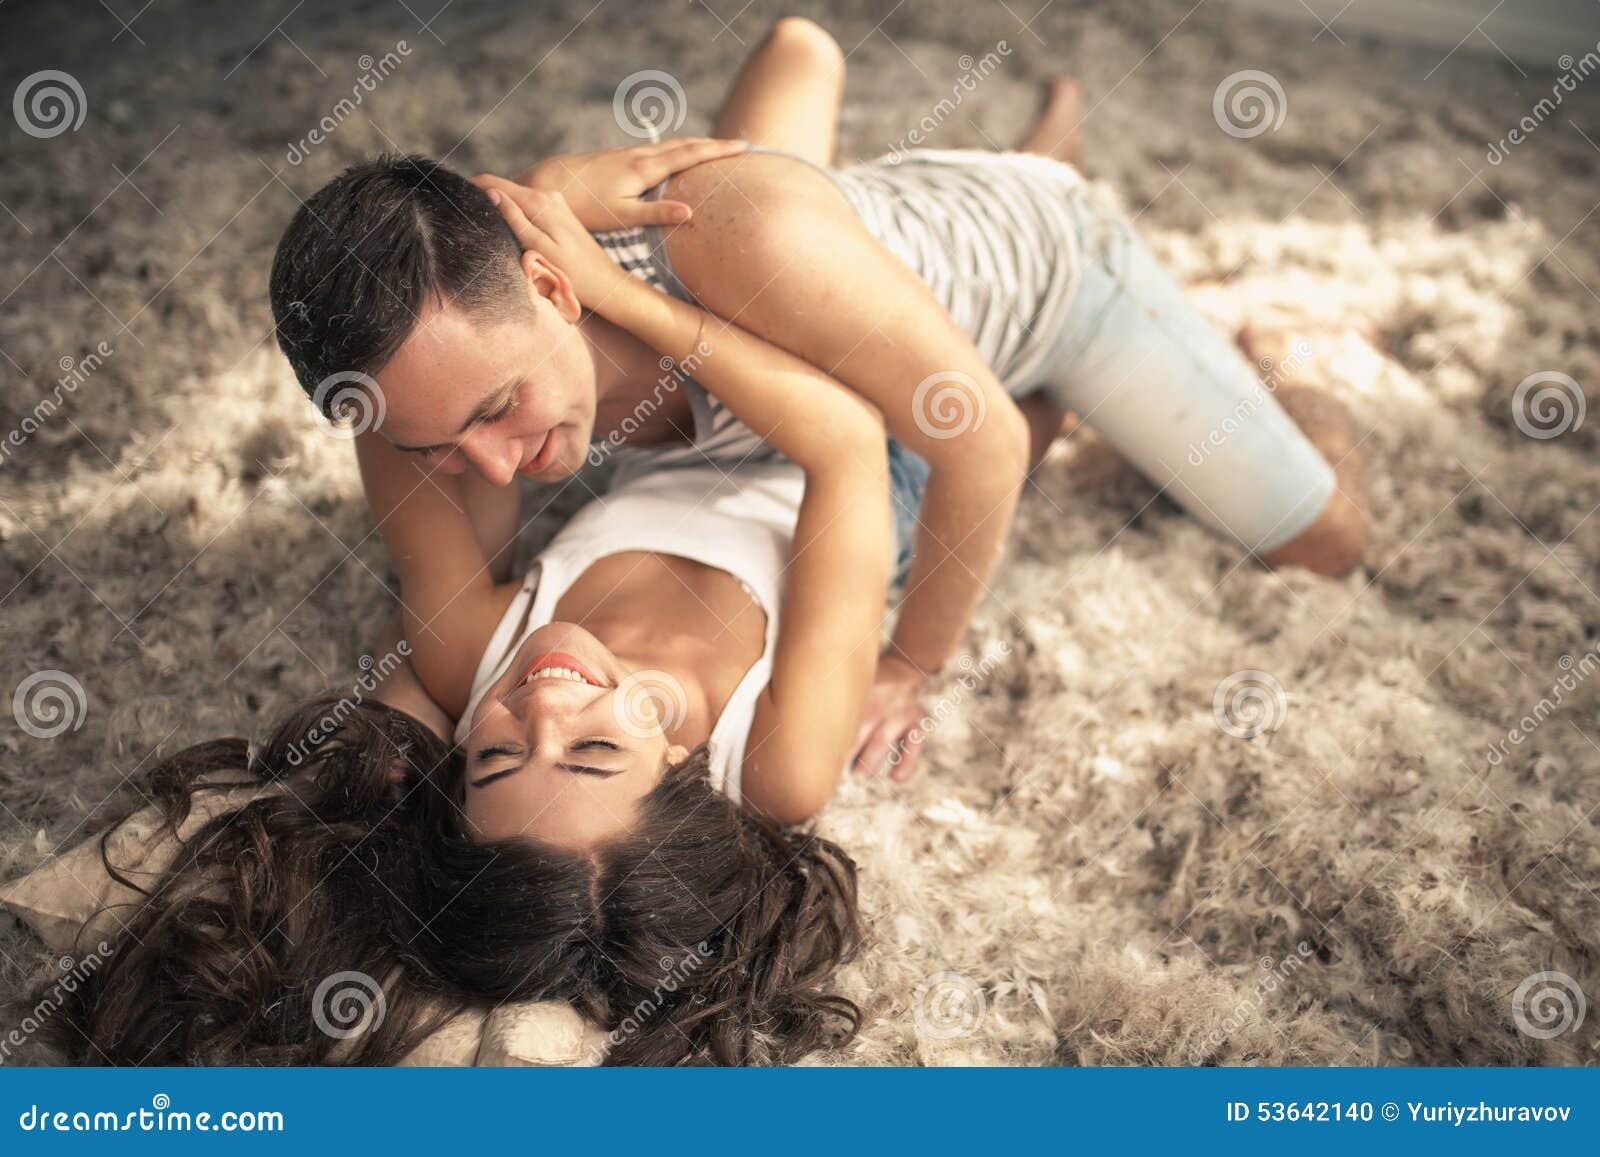 Porno Himmel Echtes Paar ist romantisch am ficken